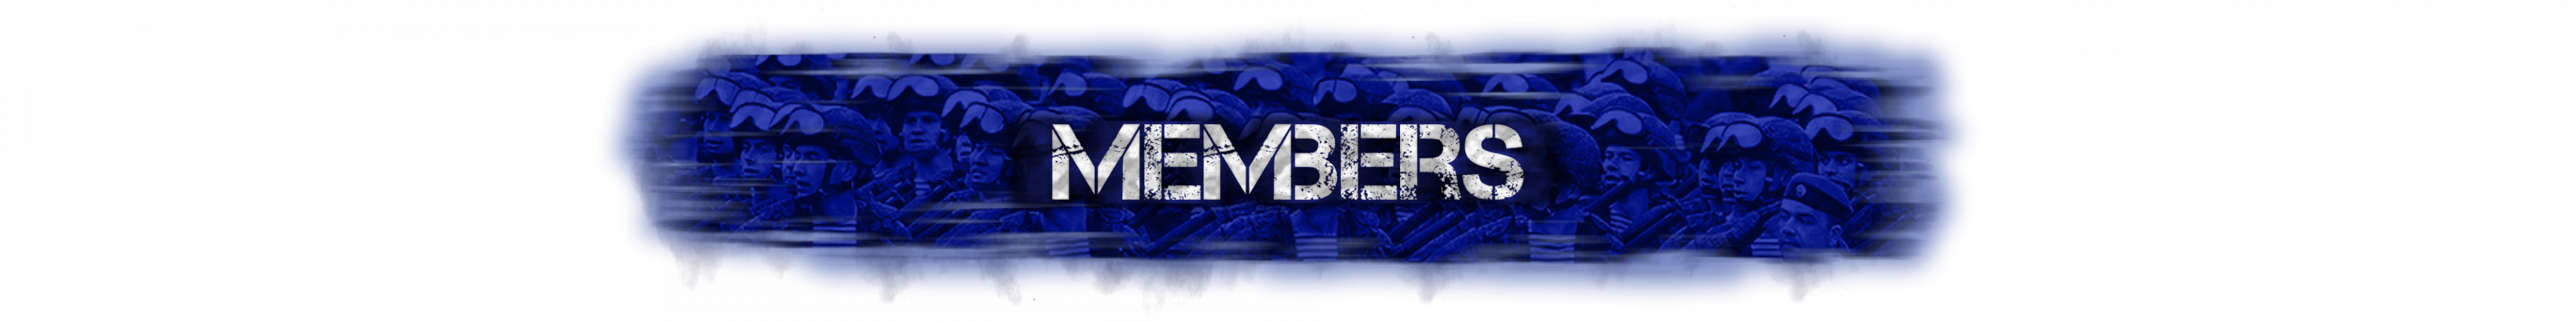 Members.thumb.png.d11aaa95b57843938f5e0a30726b976e.png